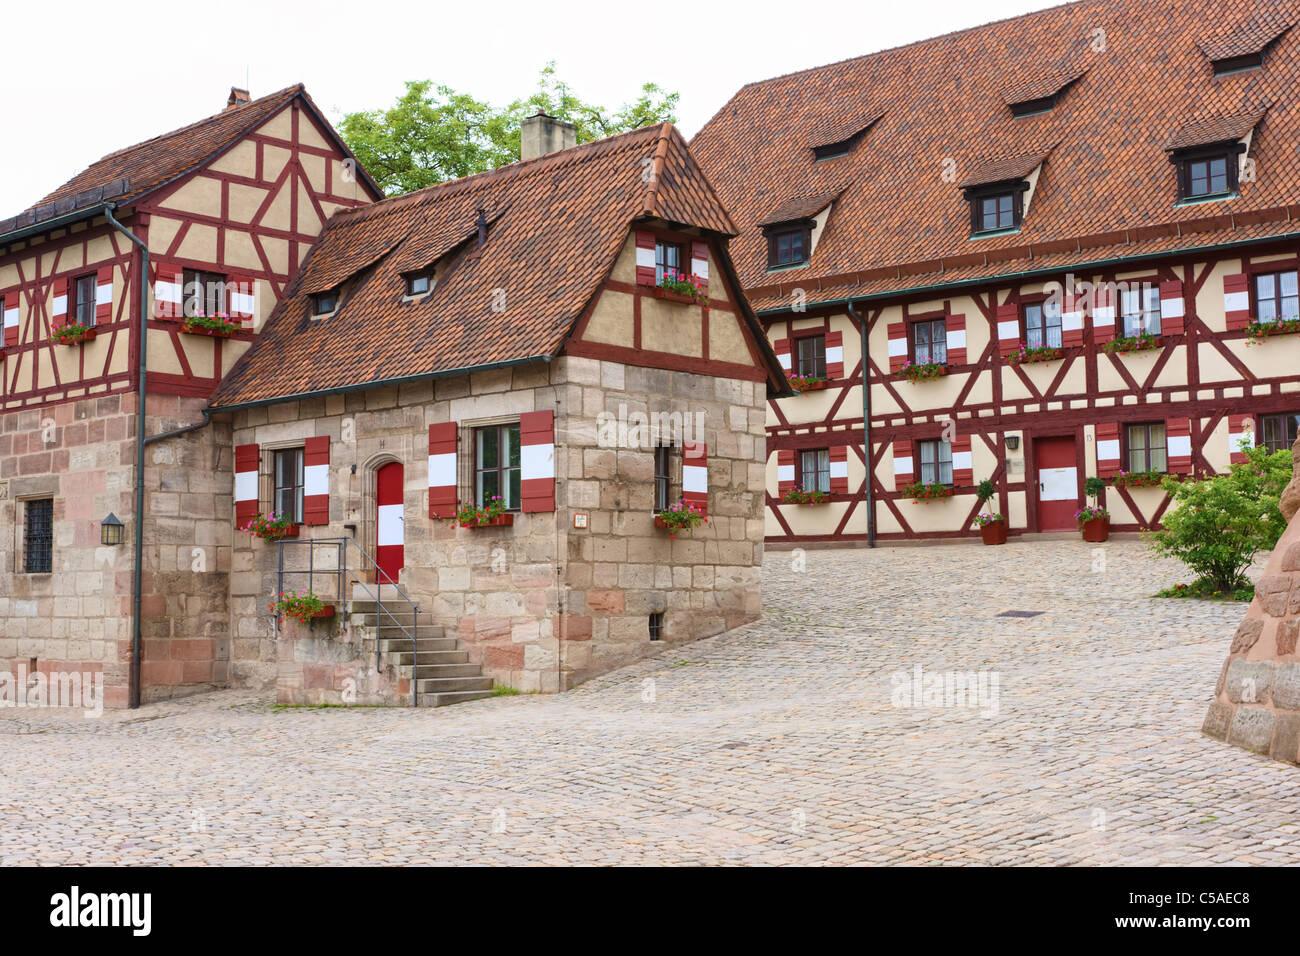 Nürnberger Burg-Innenhof mit Tieferviertel Brunnen (Tiefbrunnen) Haus auf der linken Seite Stockbild